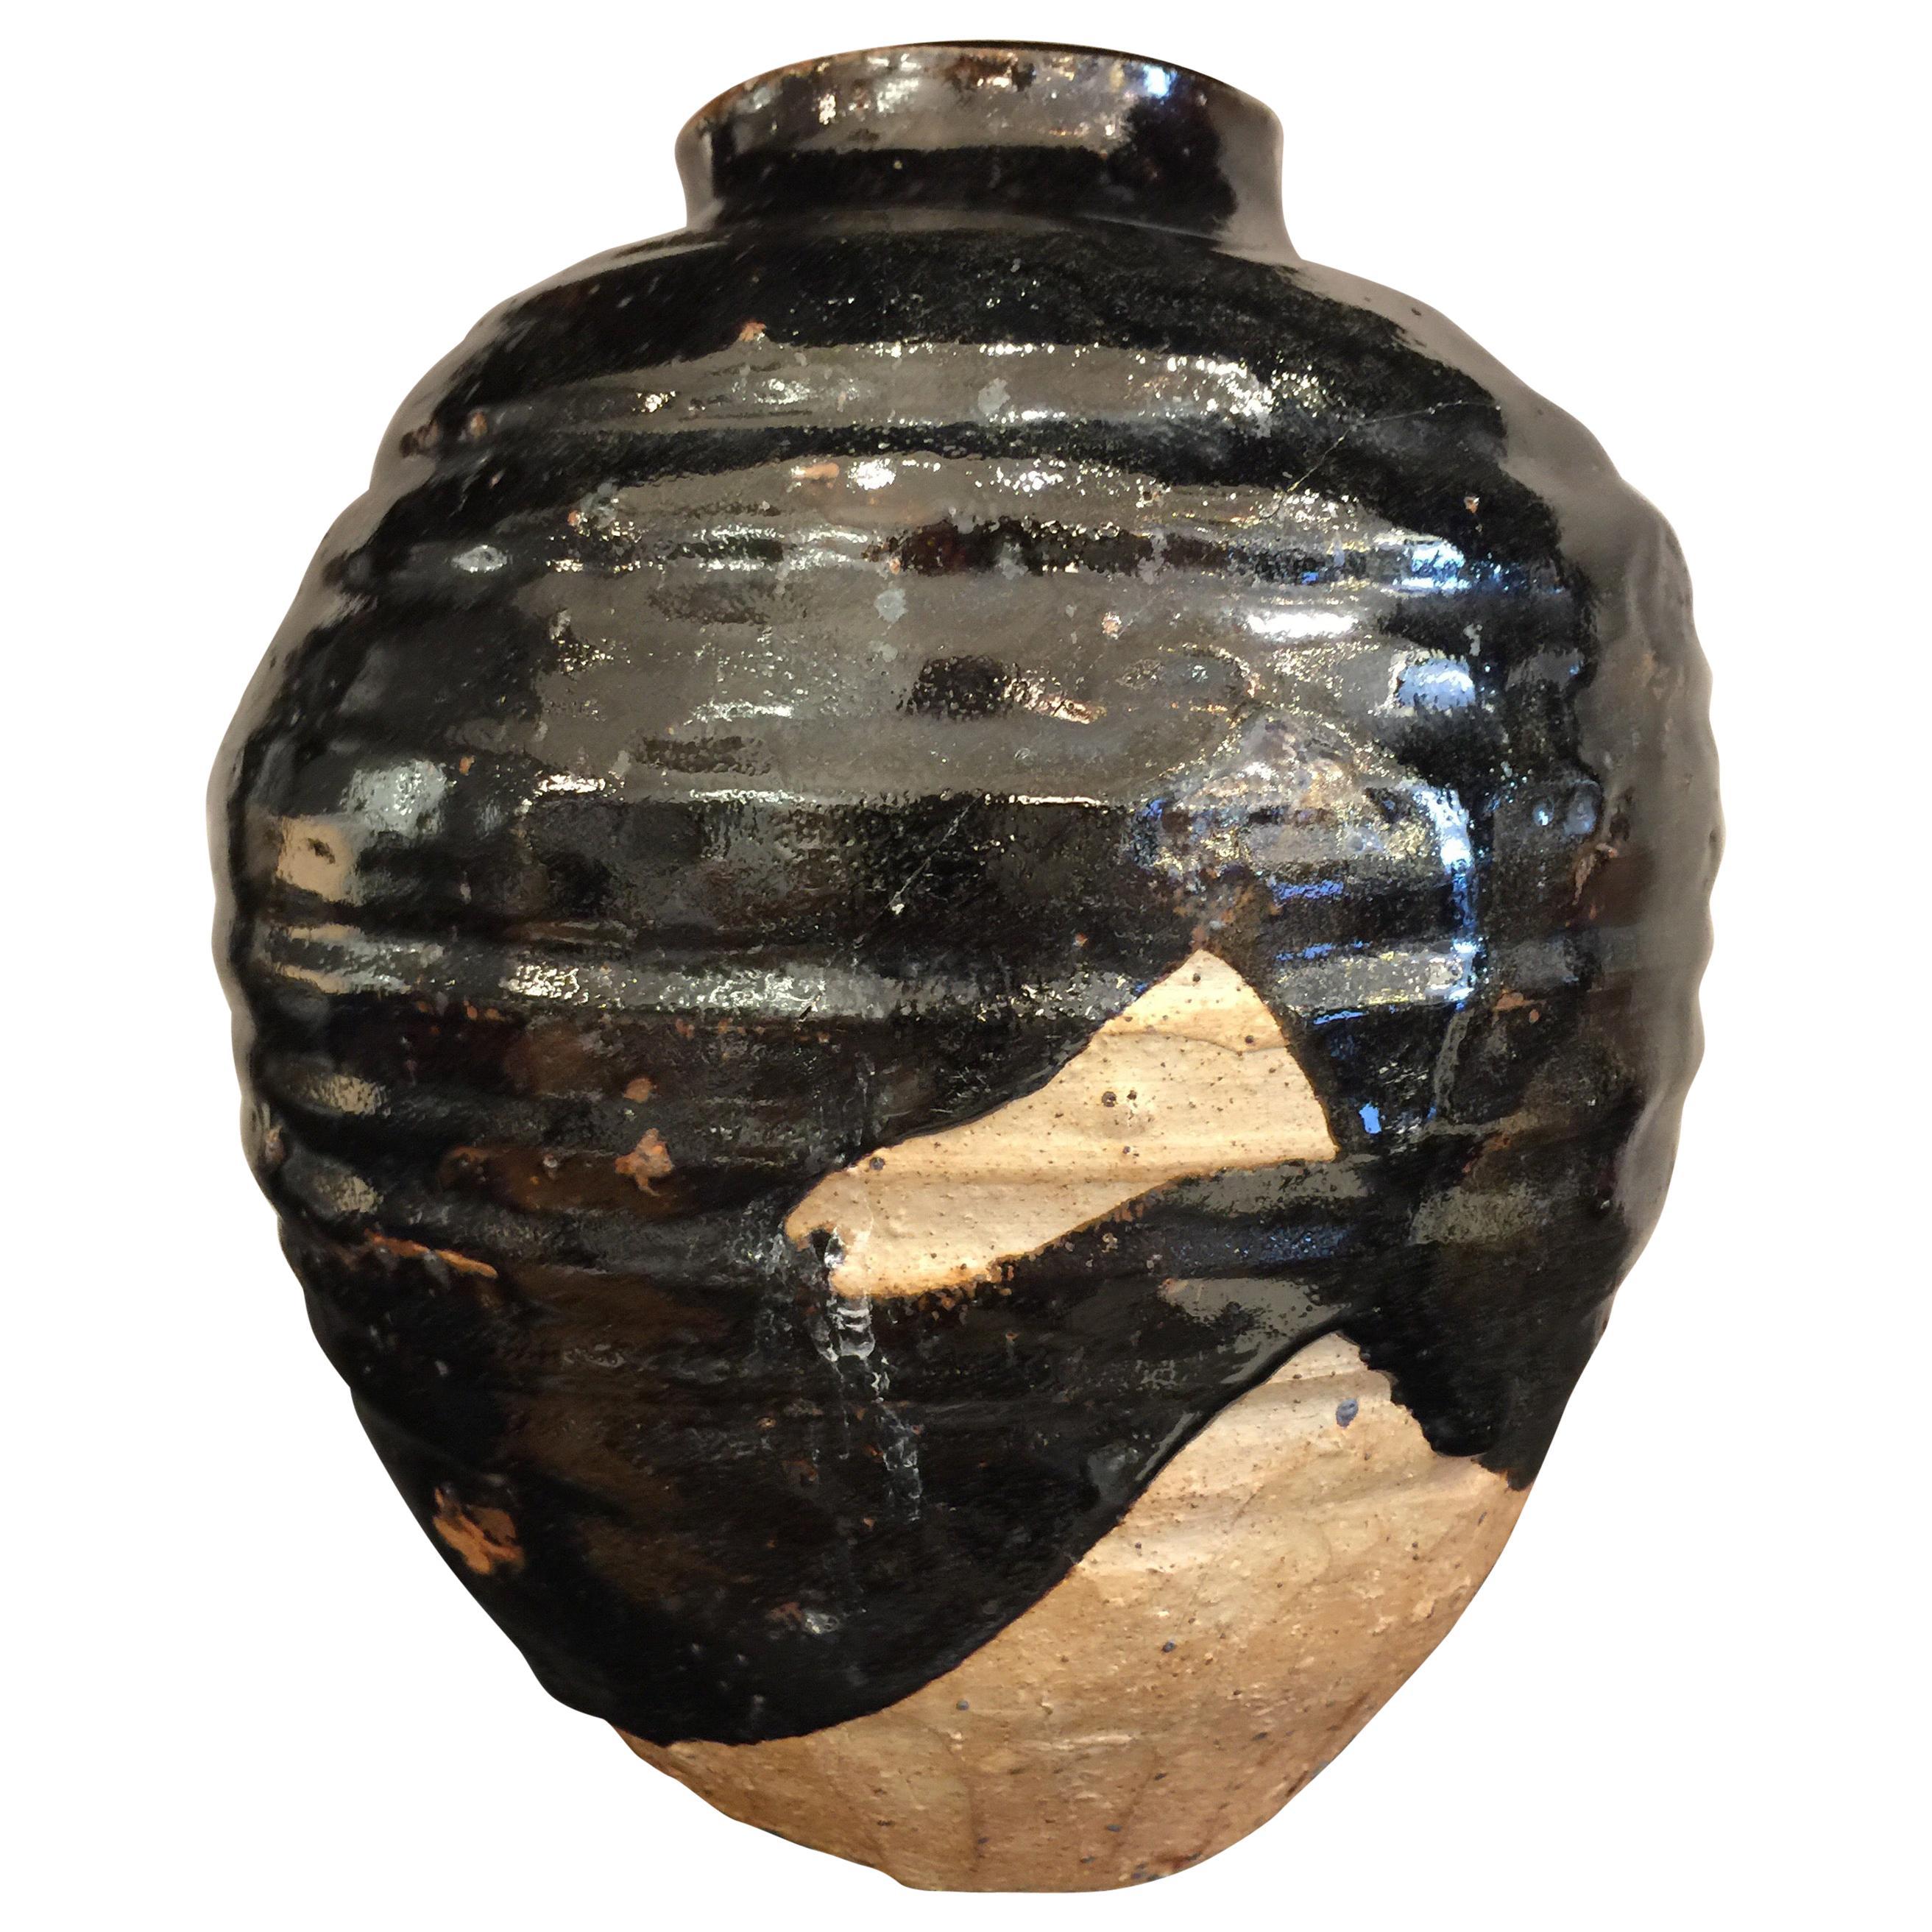 Beehive Style Black Glazed Earthenware Vase